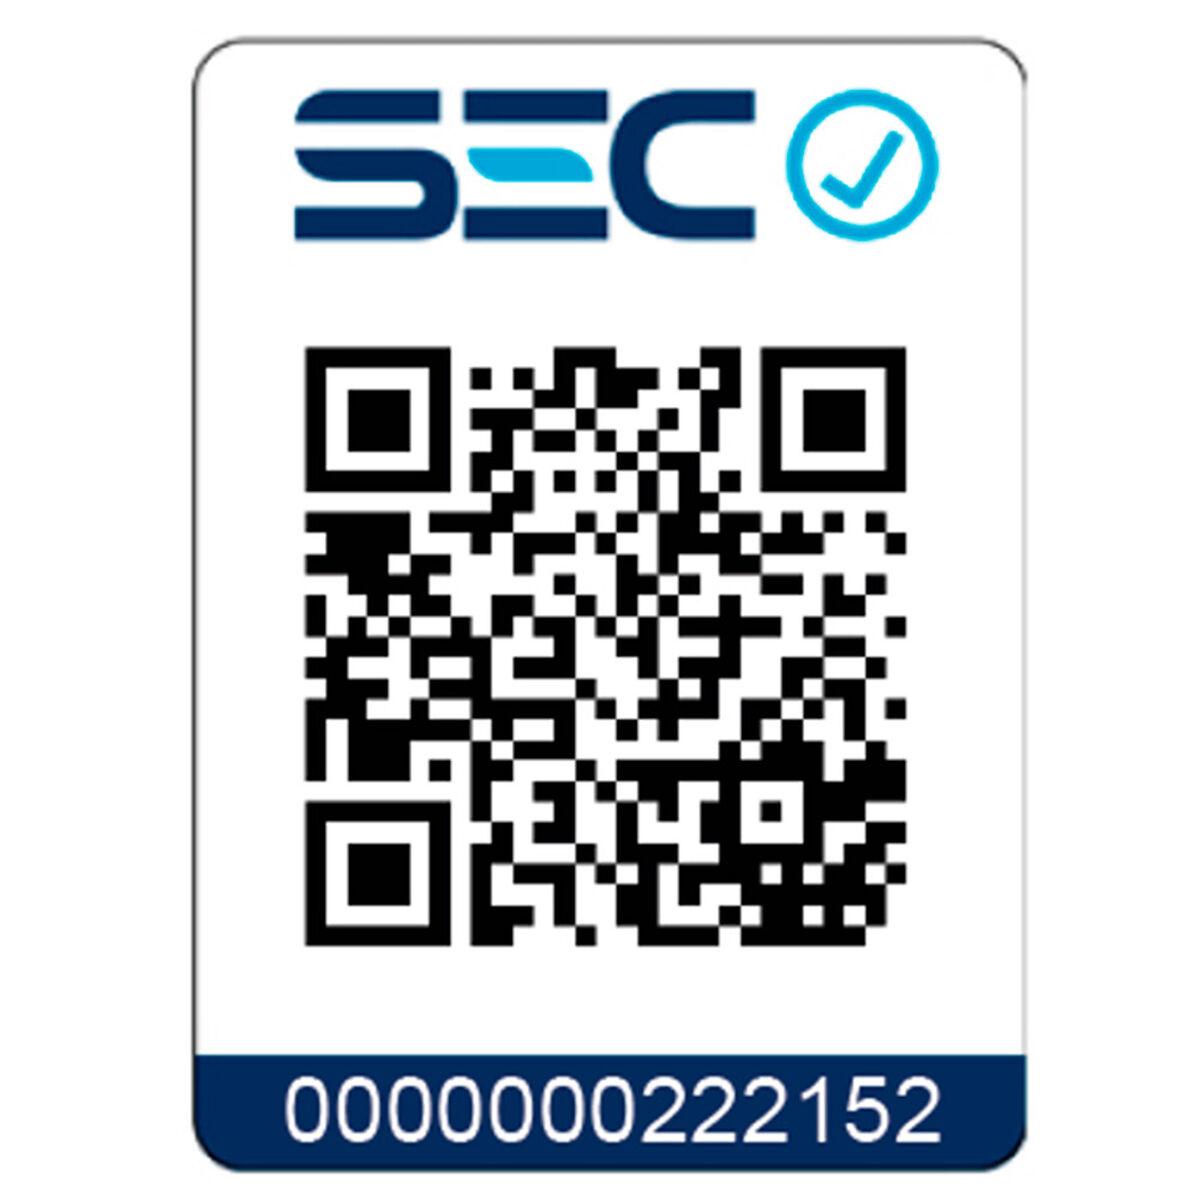 Horno Oster TSSTTVLC60L 052 60 lt